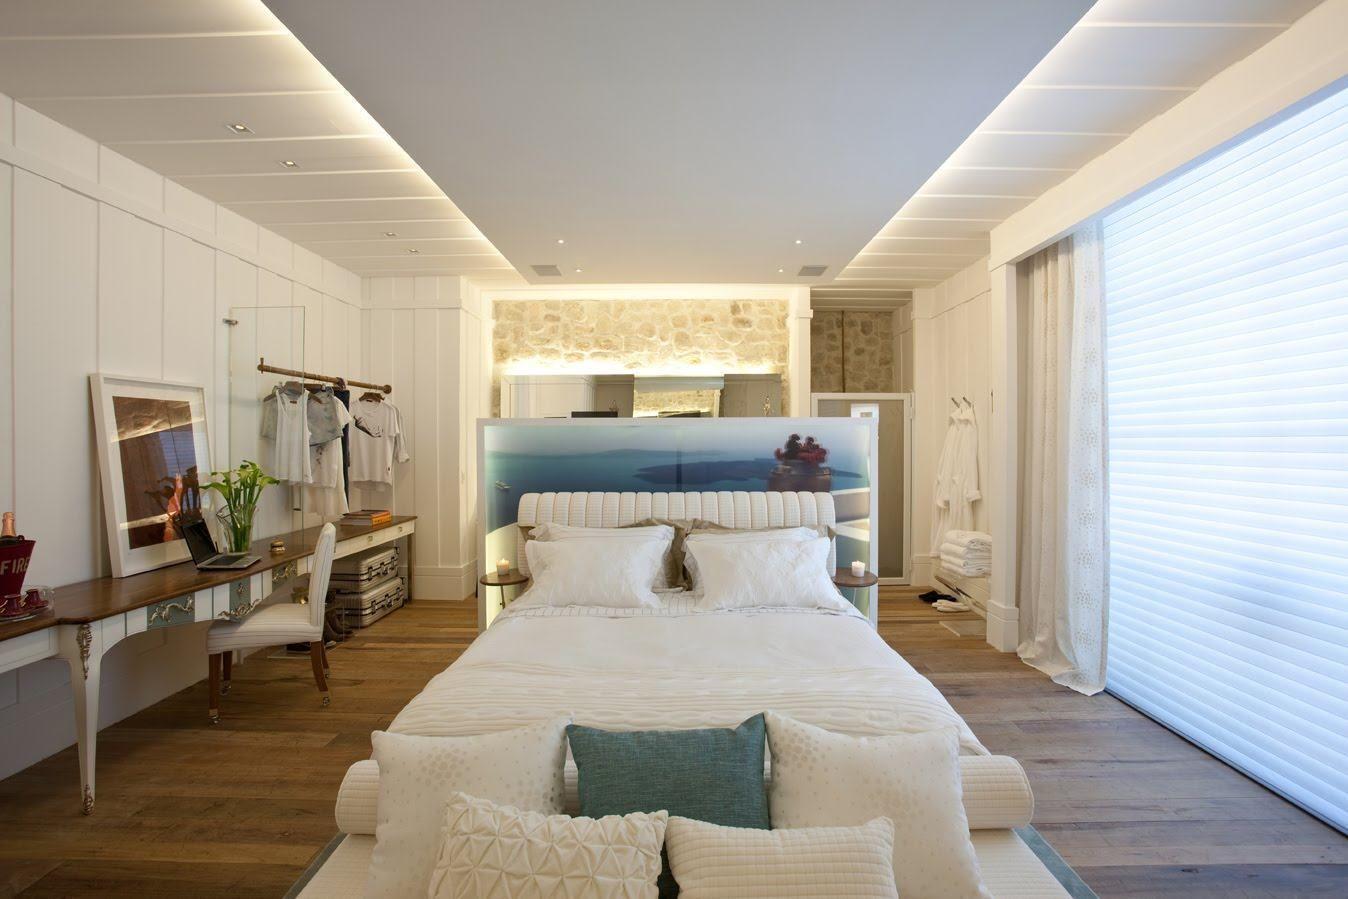 Mesmo seguindo a linha rústica, o quarto consegue demonstrar o luxo em cada detalhe